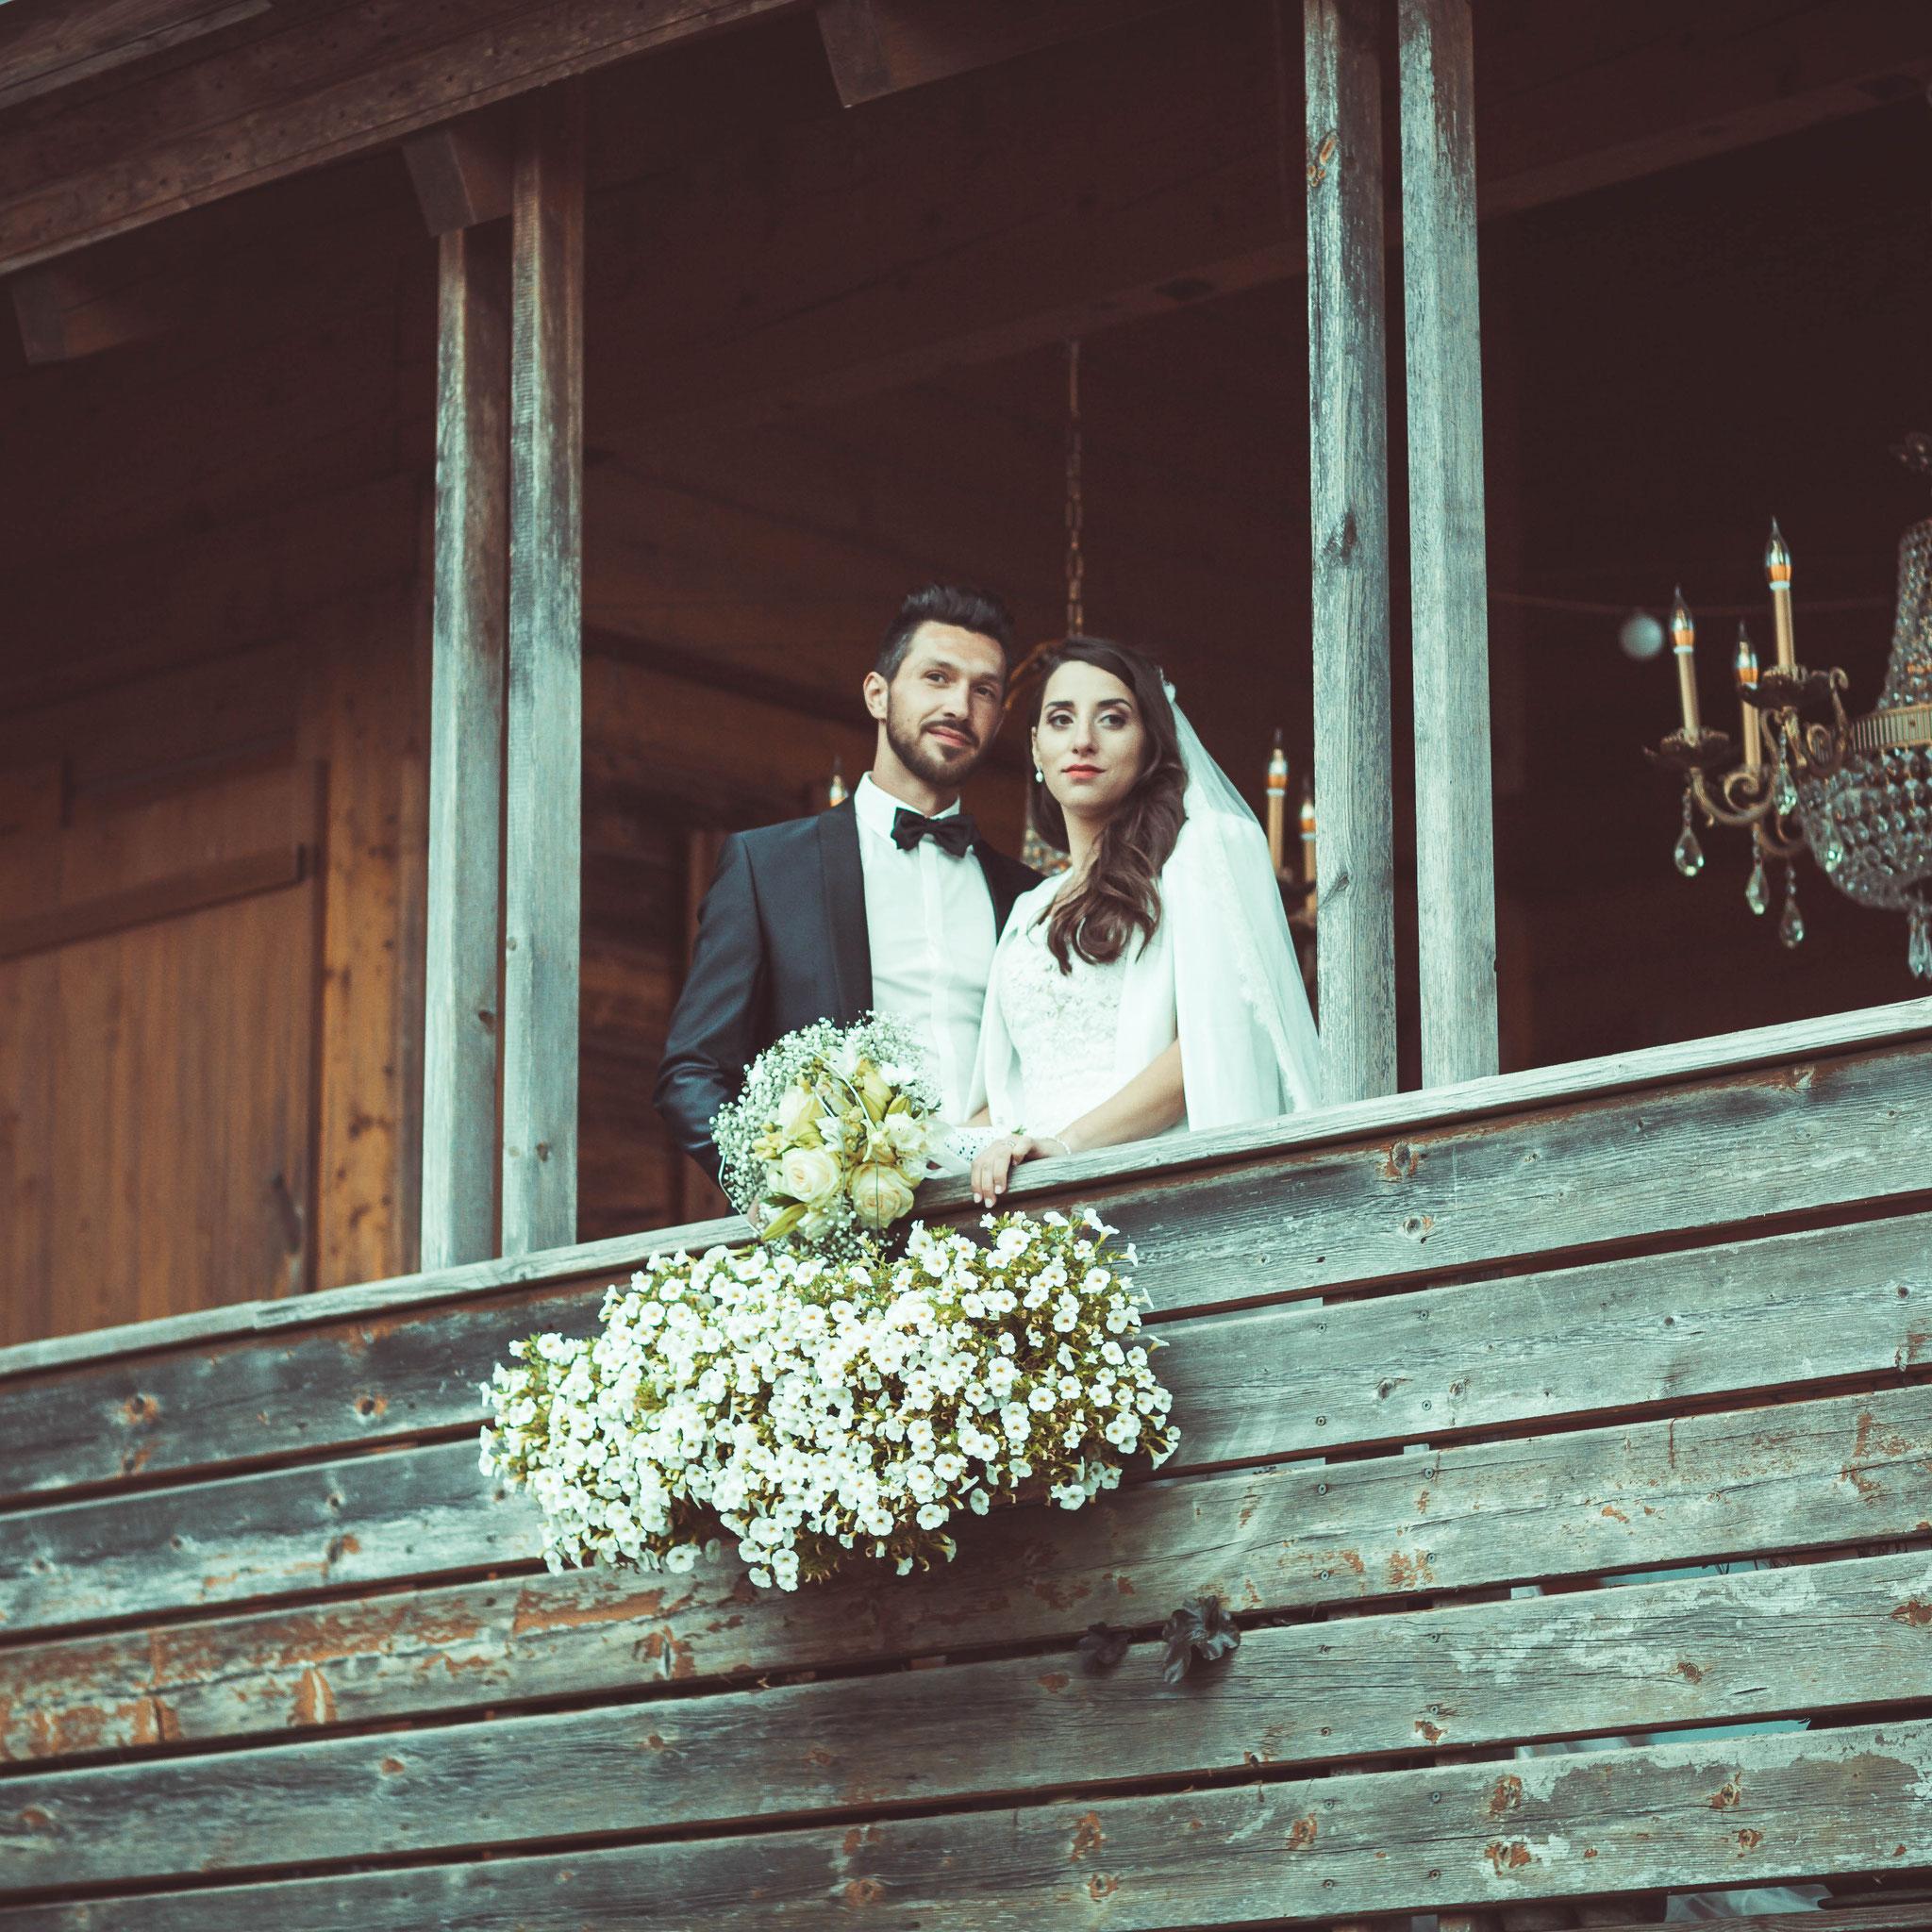 Kameramann für moderne russische Hochzeit in Frankfurt am Main